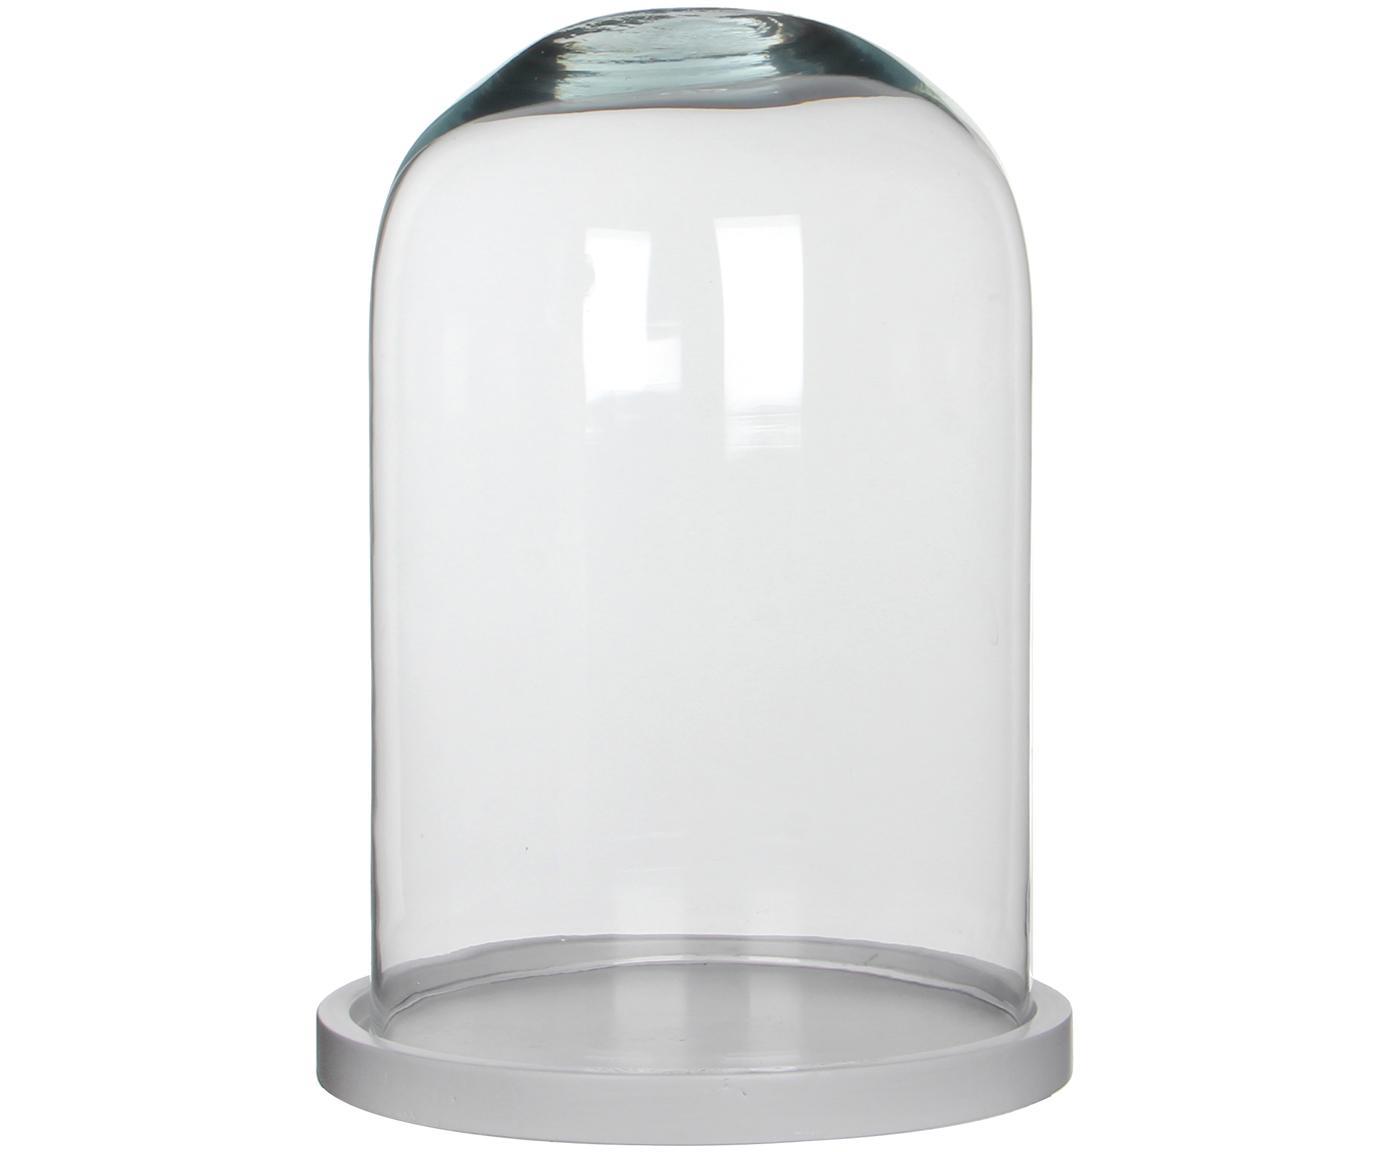 Glasglocke Hella, Glocke: Glas, Untersetzer: Holz, lackiert, Glocke: Transparent Untersetzer: Weiß, Ø 22 x H 30 cm